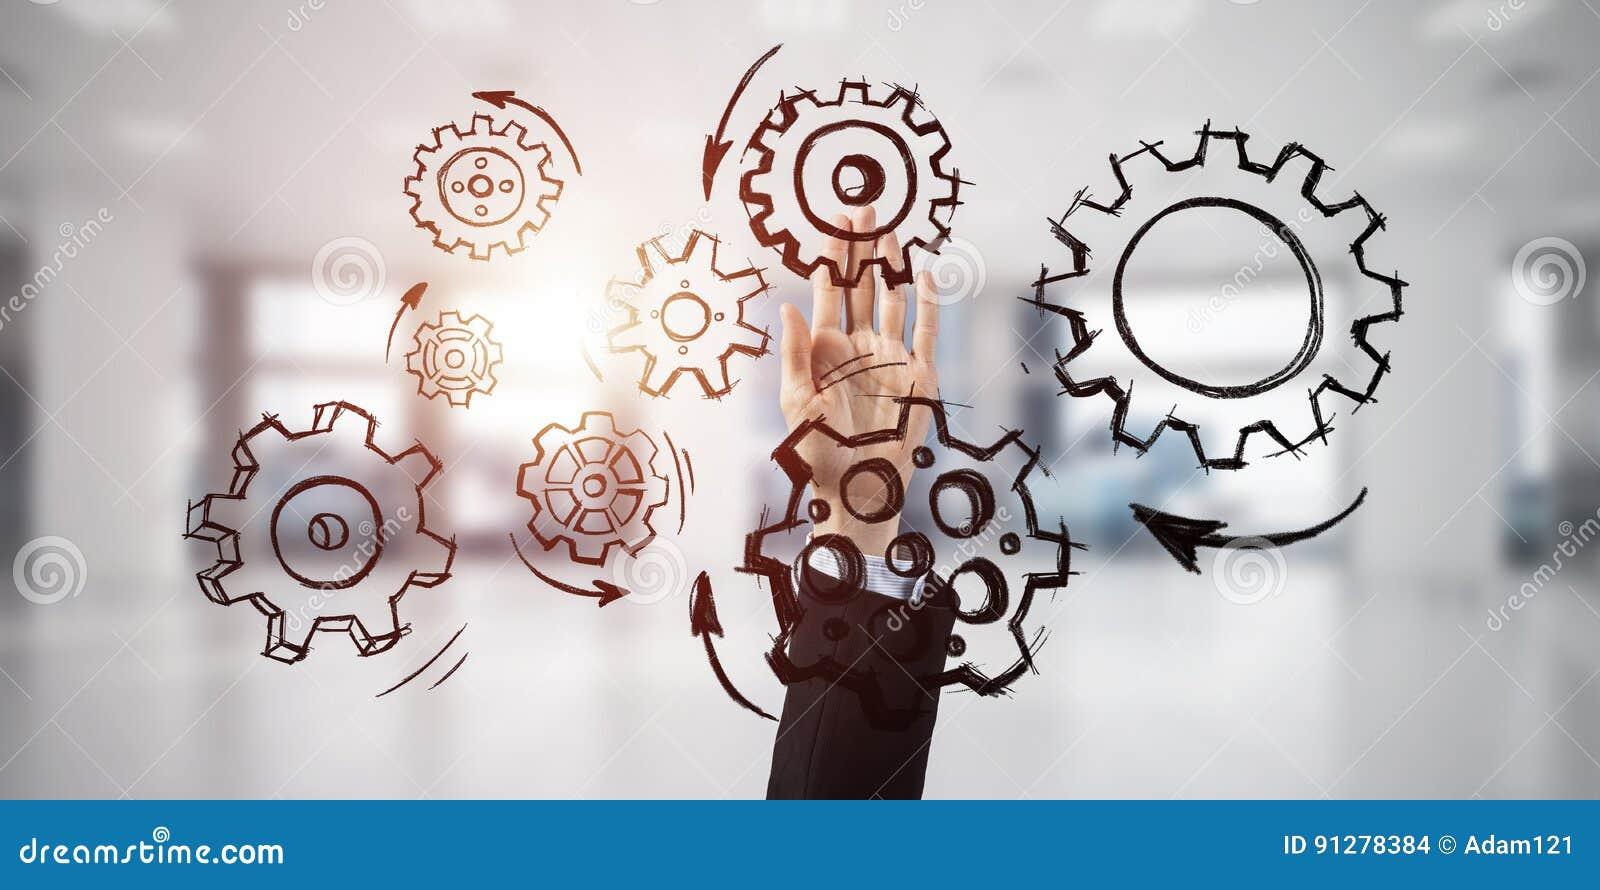 Teamworkbegrepp och väljagest av businesspersonen i elega